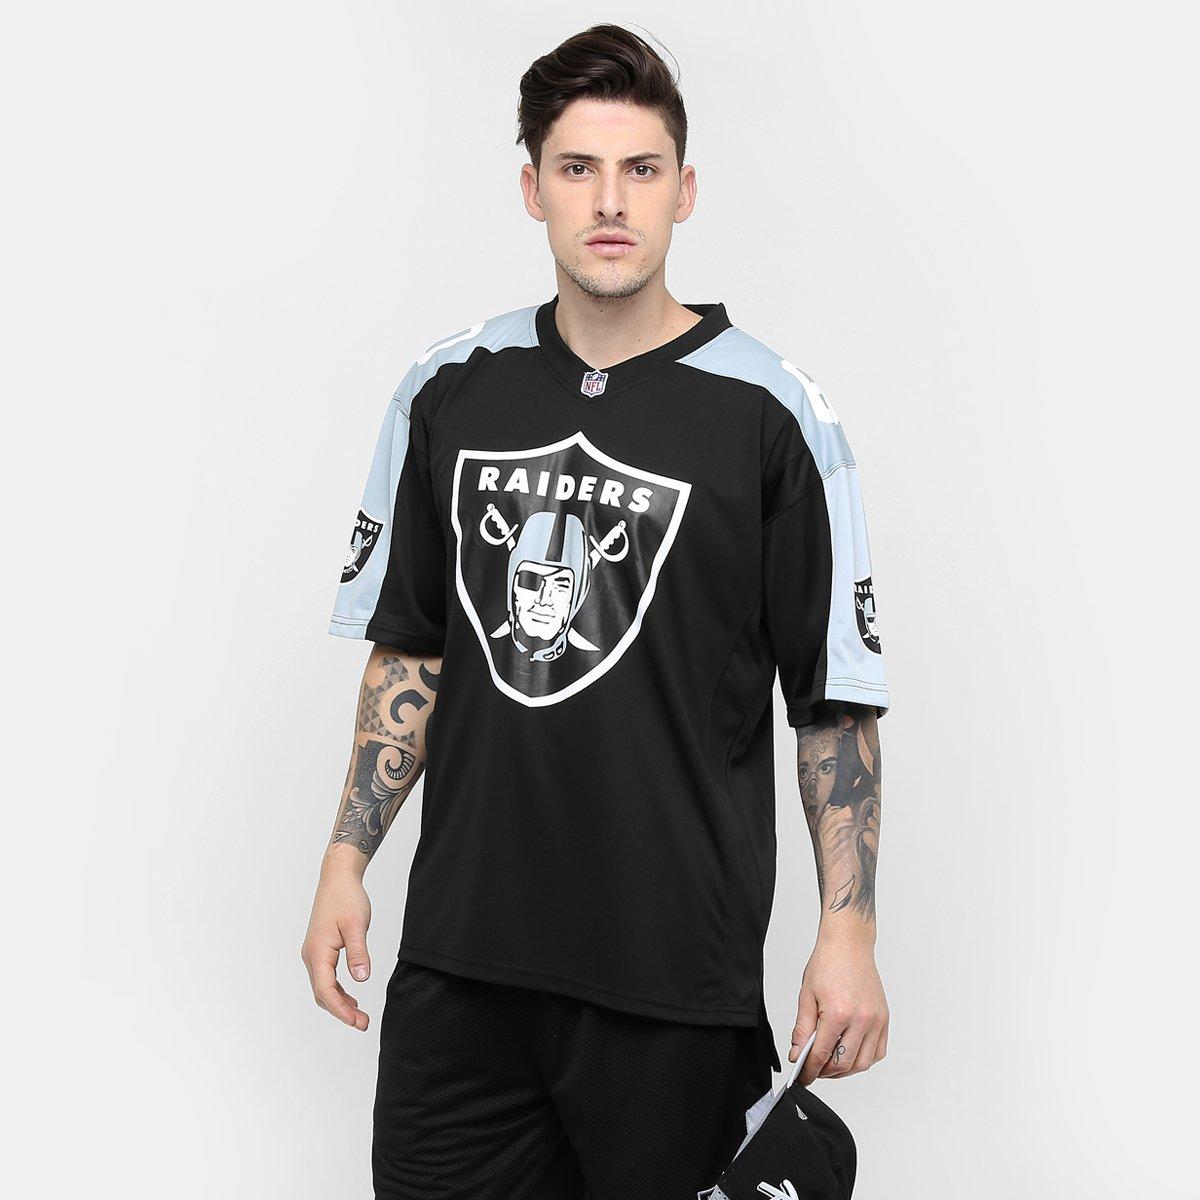 60ab26e67ec07 ... promo code for camiseta new era nfl jersey oakland raiders compre agora  netshoes 51cae 7d62e